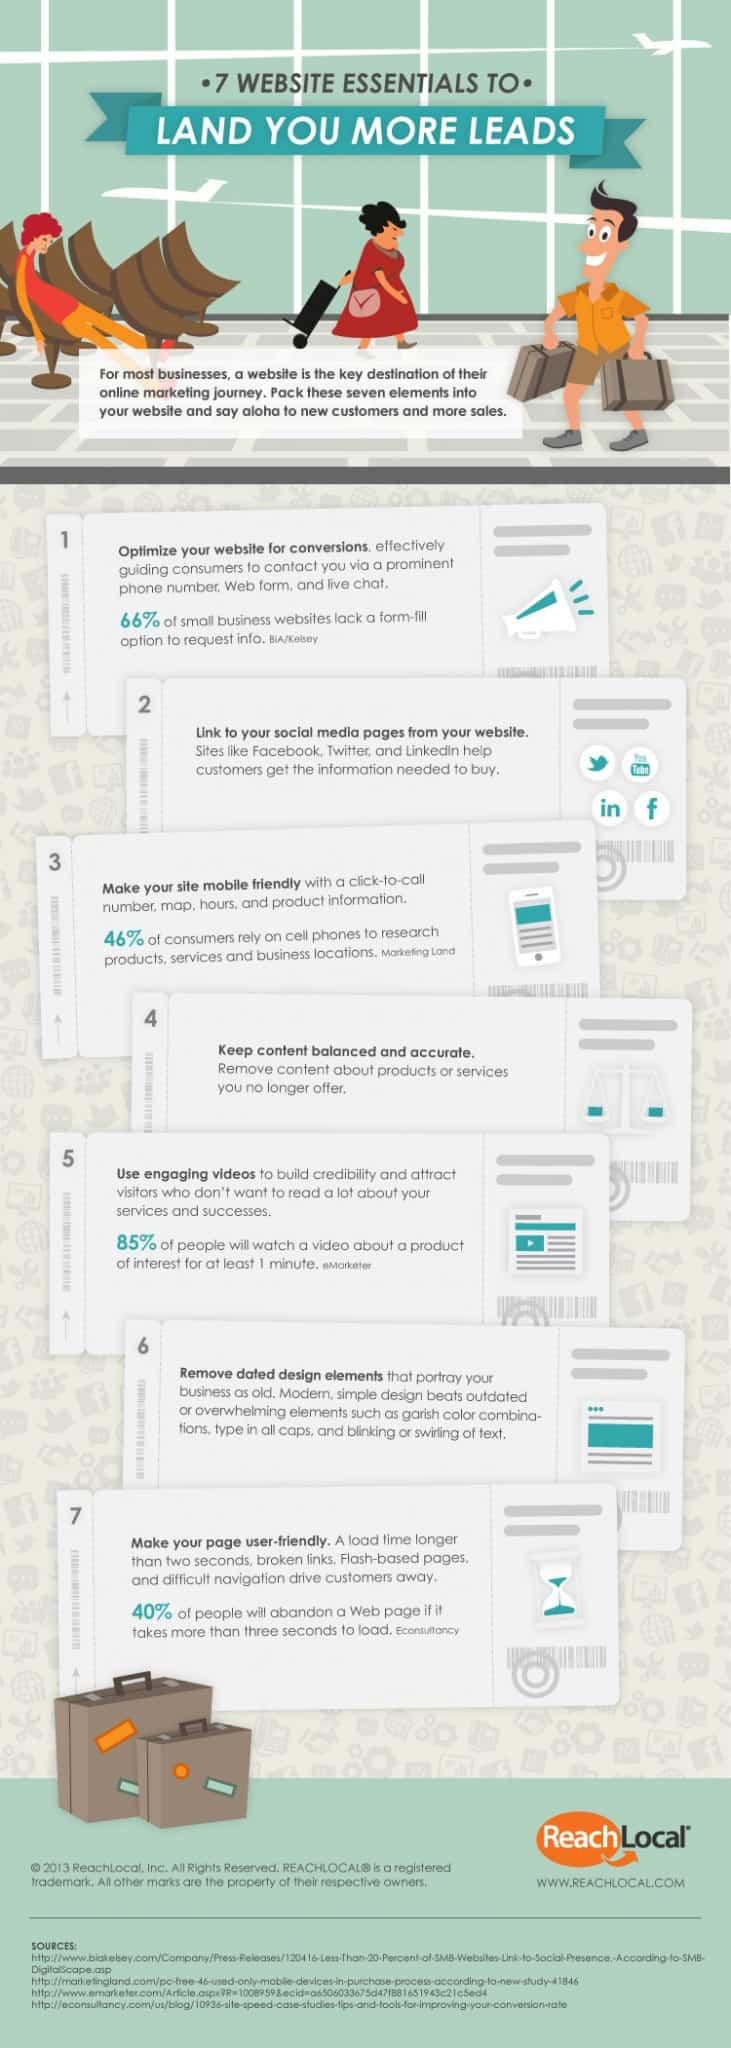 7 tips om meer leads met je website te genereren